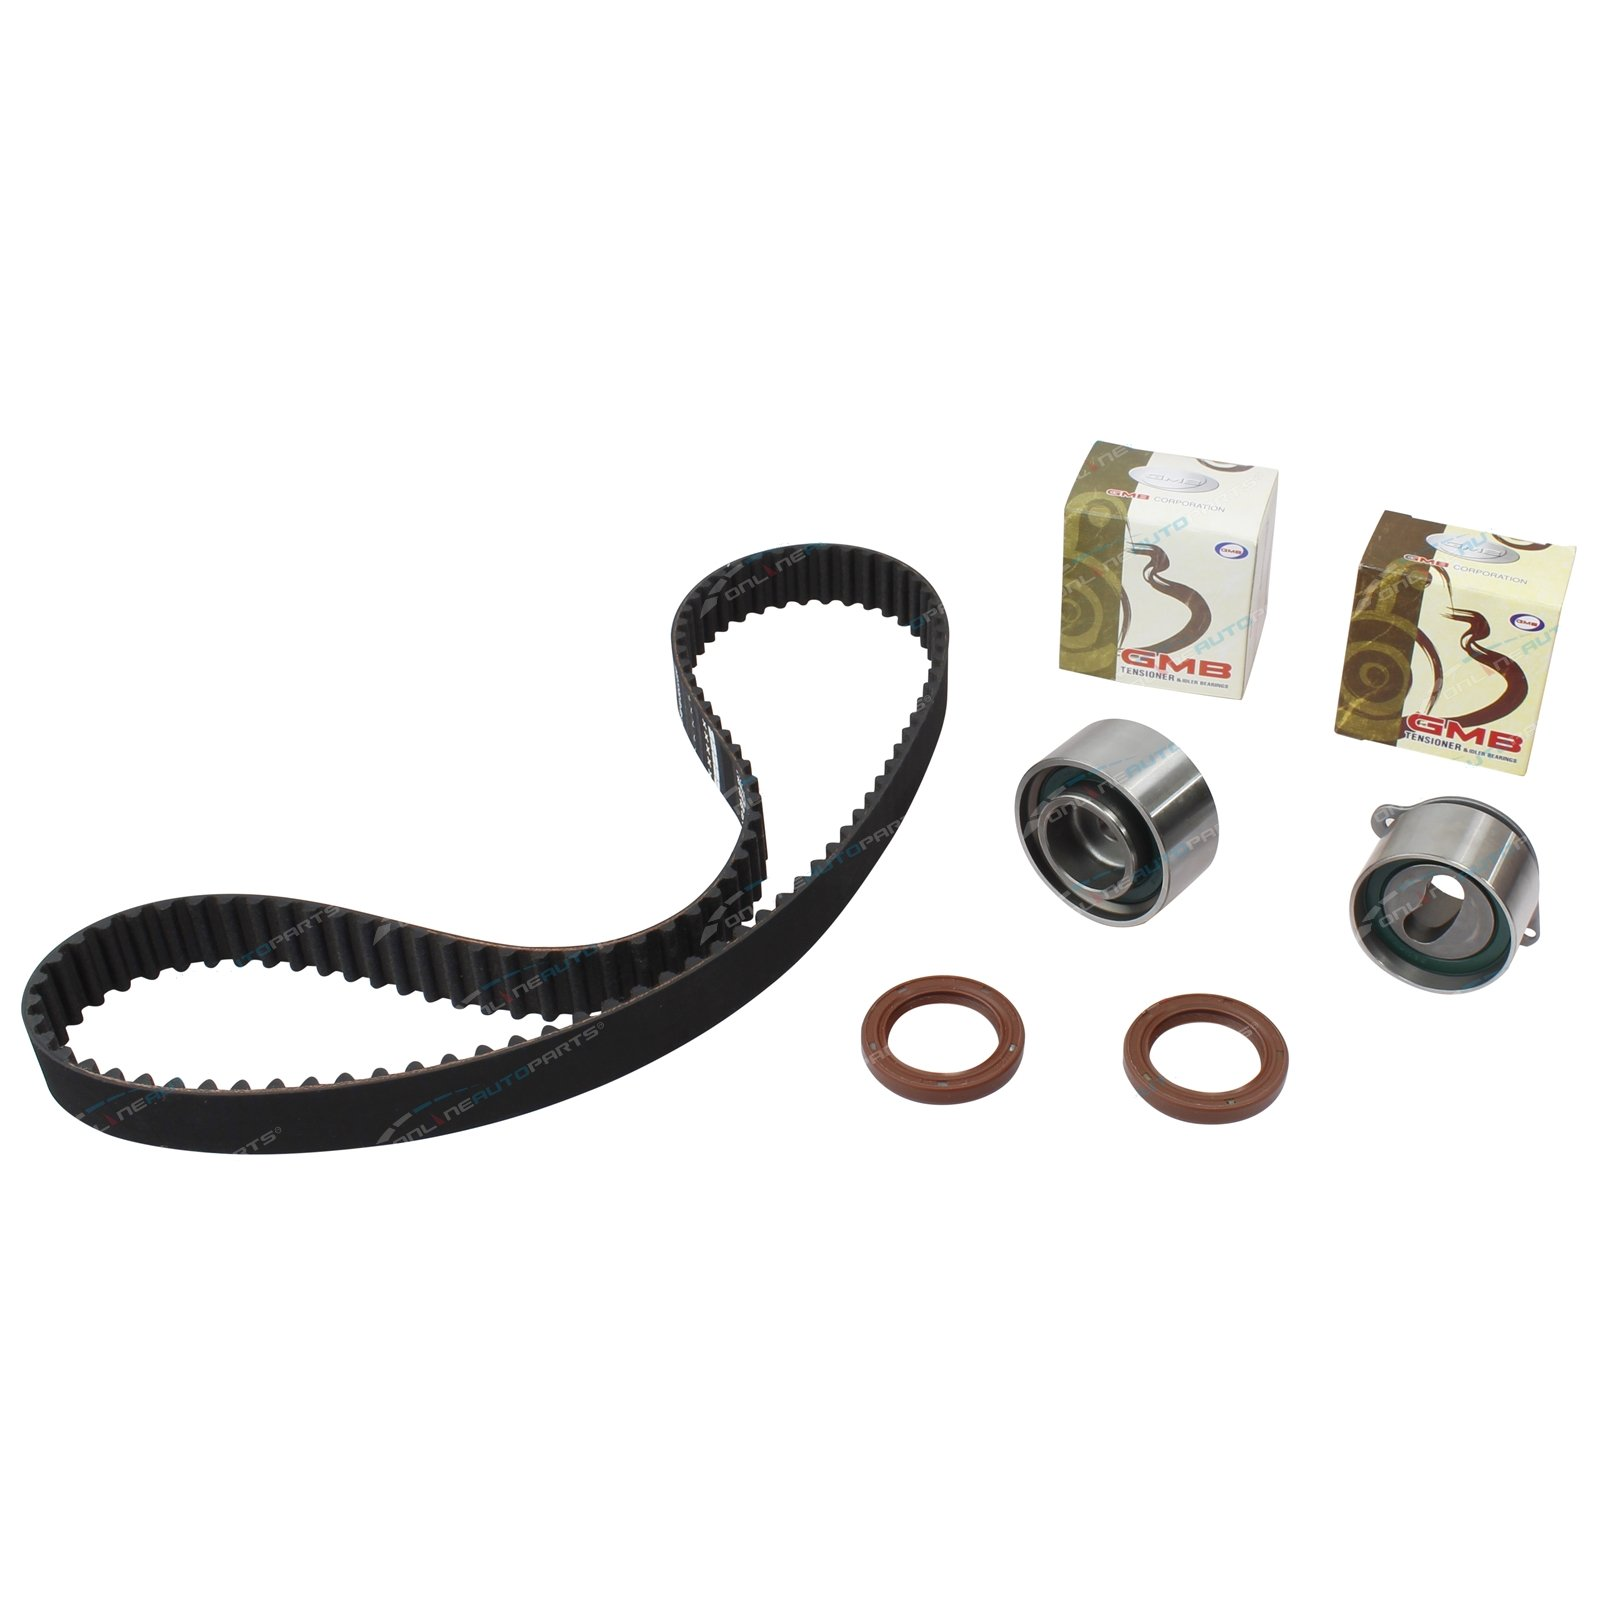 Timing Belt + Tensioner Kit Econovan JH 2003-2005 4cyl F8 1.8L 1789cc EFI 8v SOHC Engine - Ford